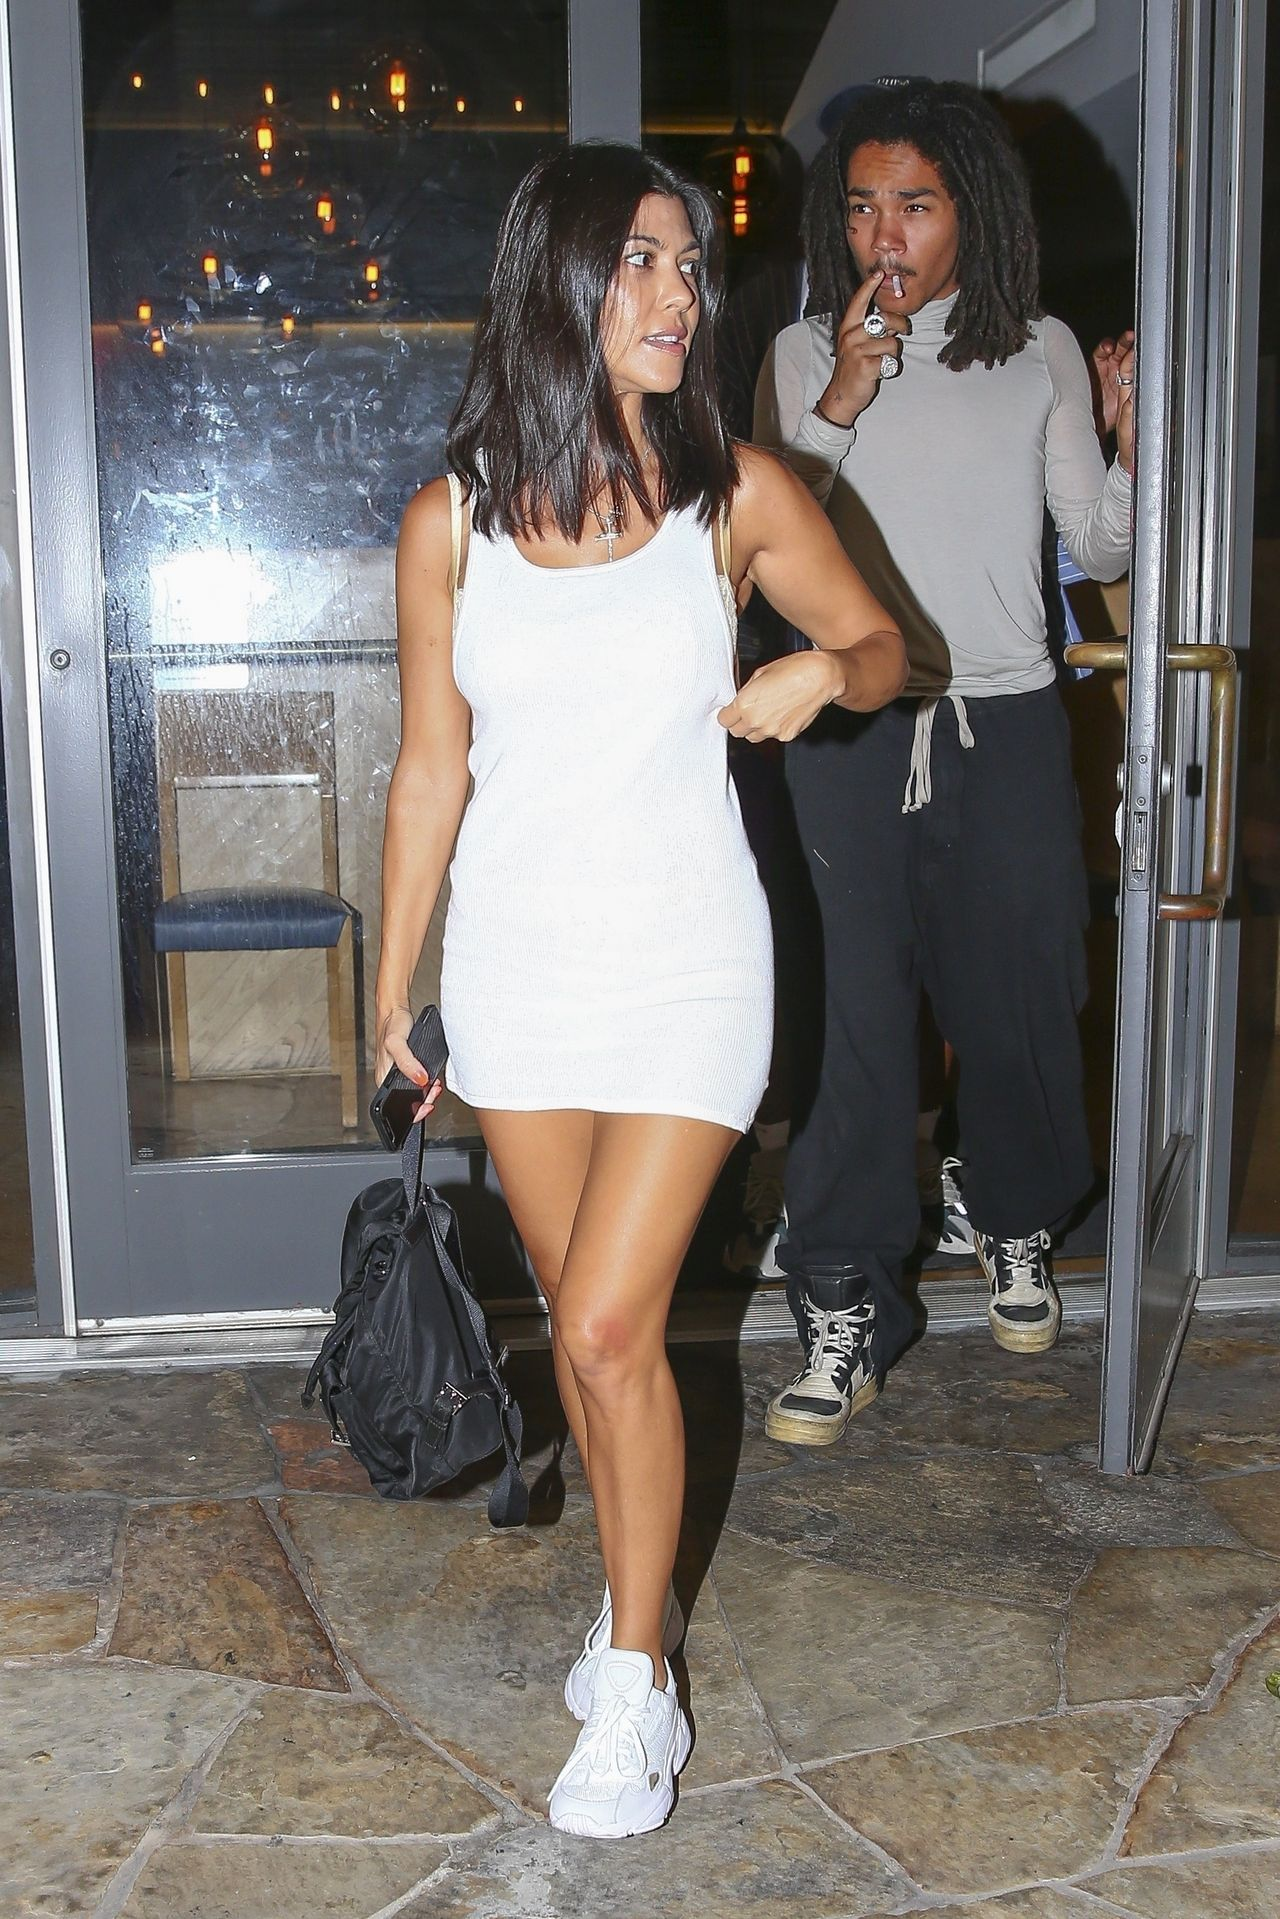 39-letnia Kourtney Kardashian i 20-letni model, Luka Sabbat na kolacji (ZDJĘCIA)